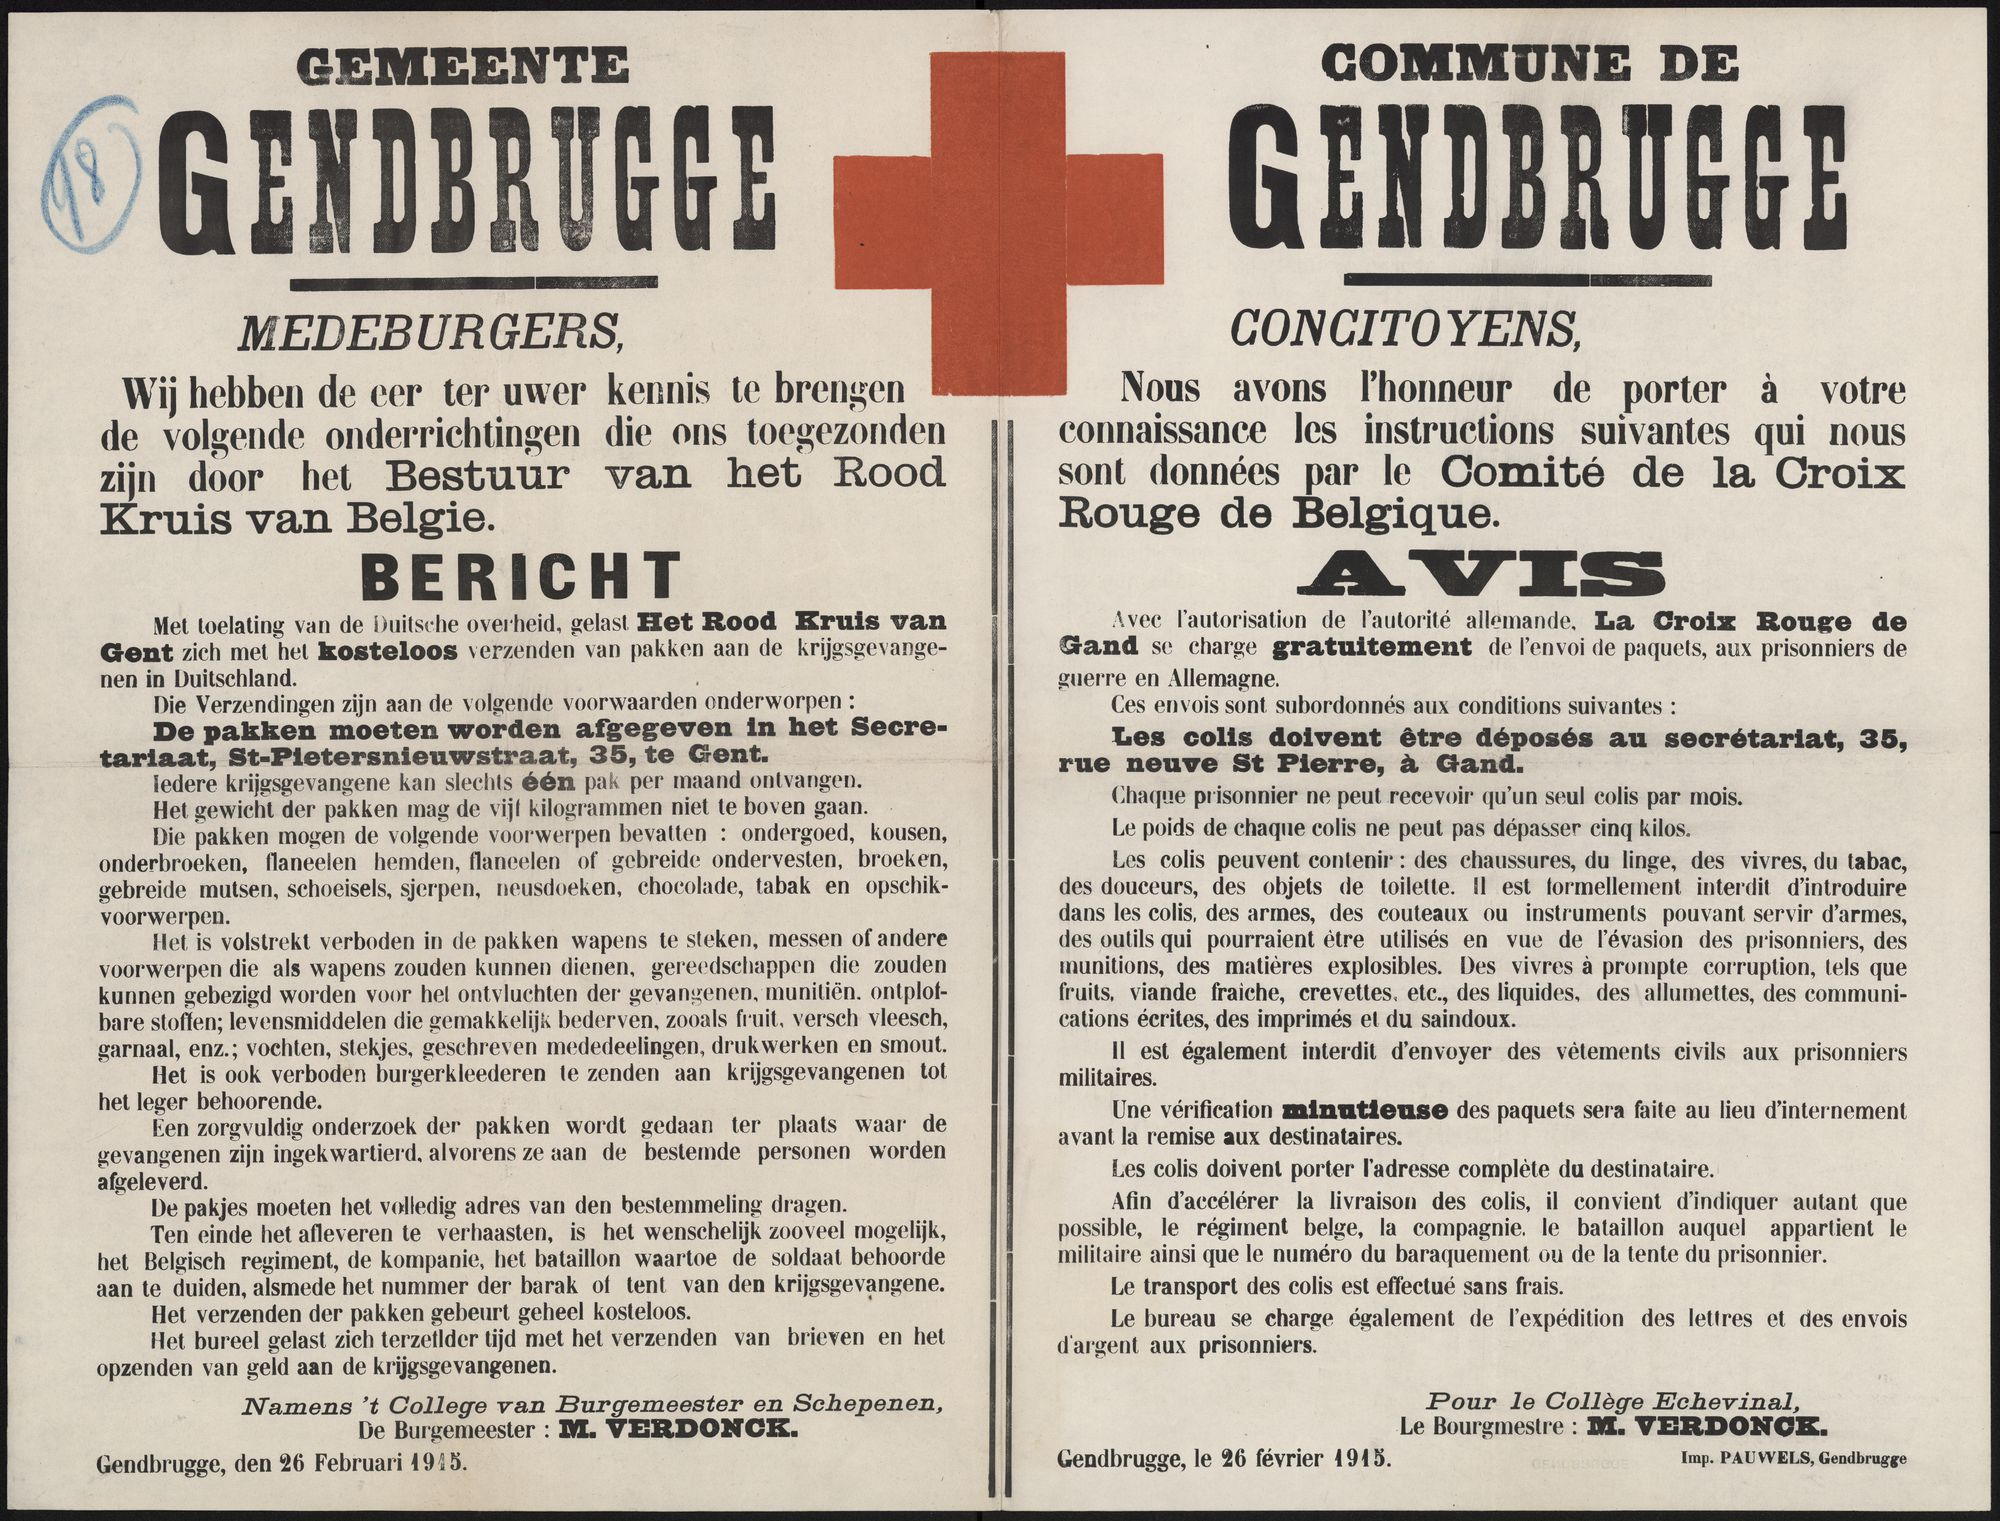 Gemeente Gendbrugge   Commune de Gendbrugge.